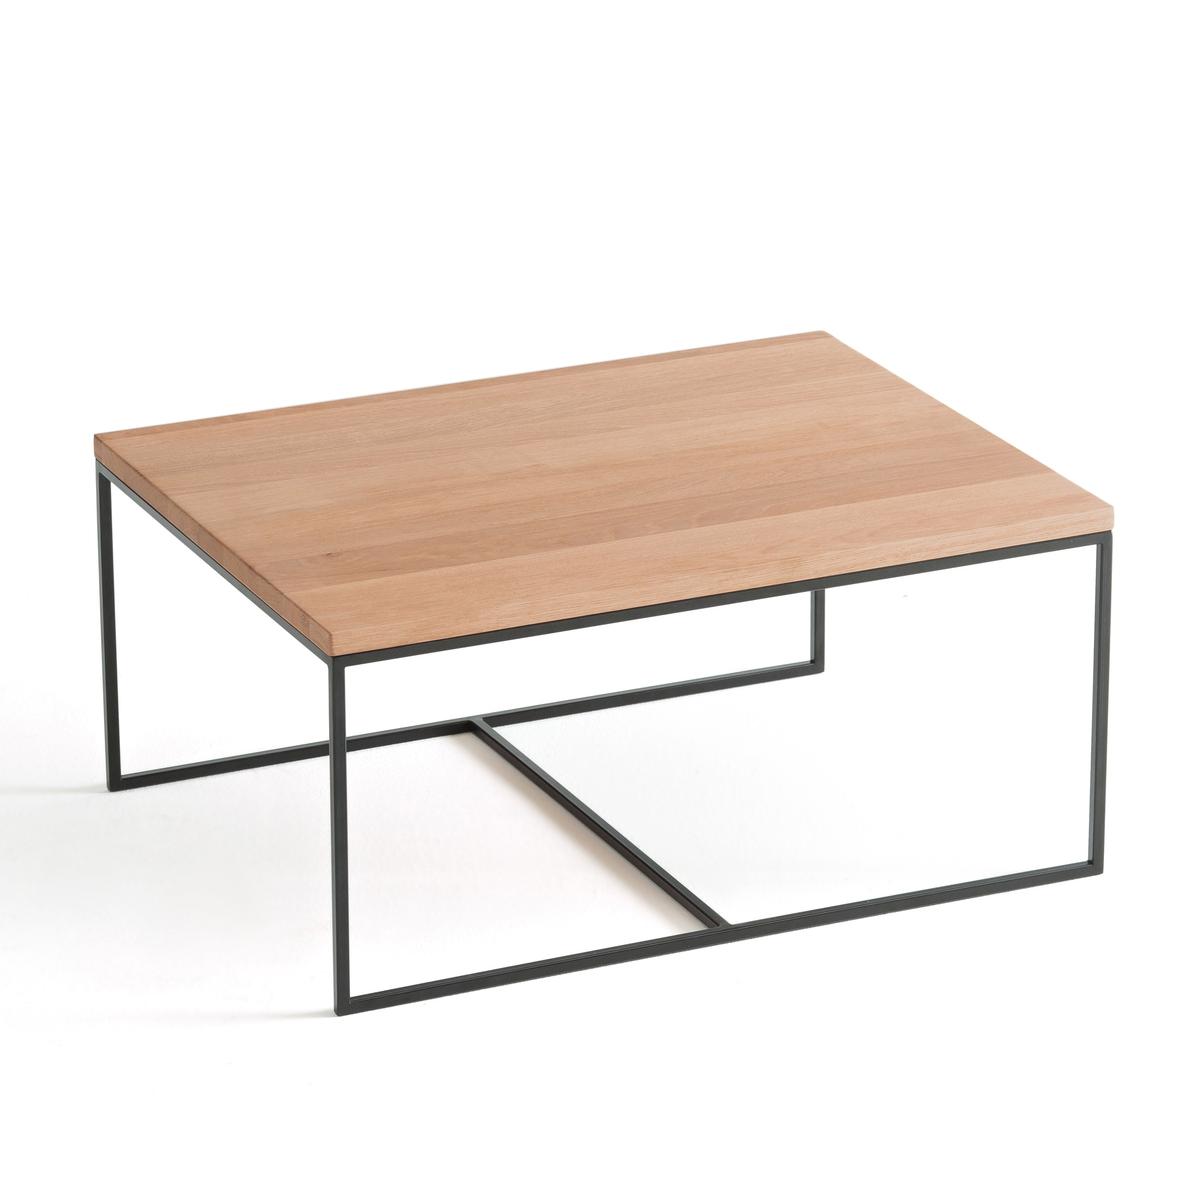 Стол журнальный из дуба Auralda, маленький размер стол журнальный auralda маленький